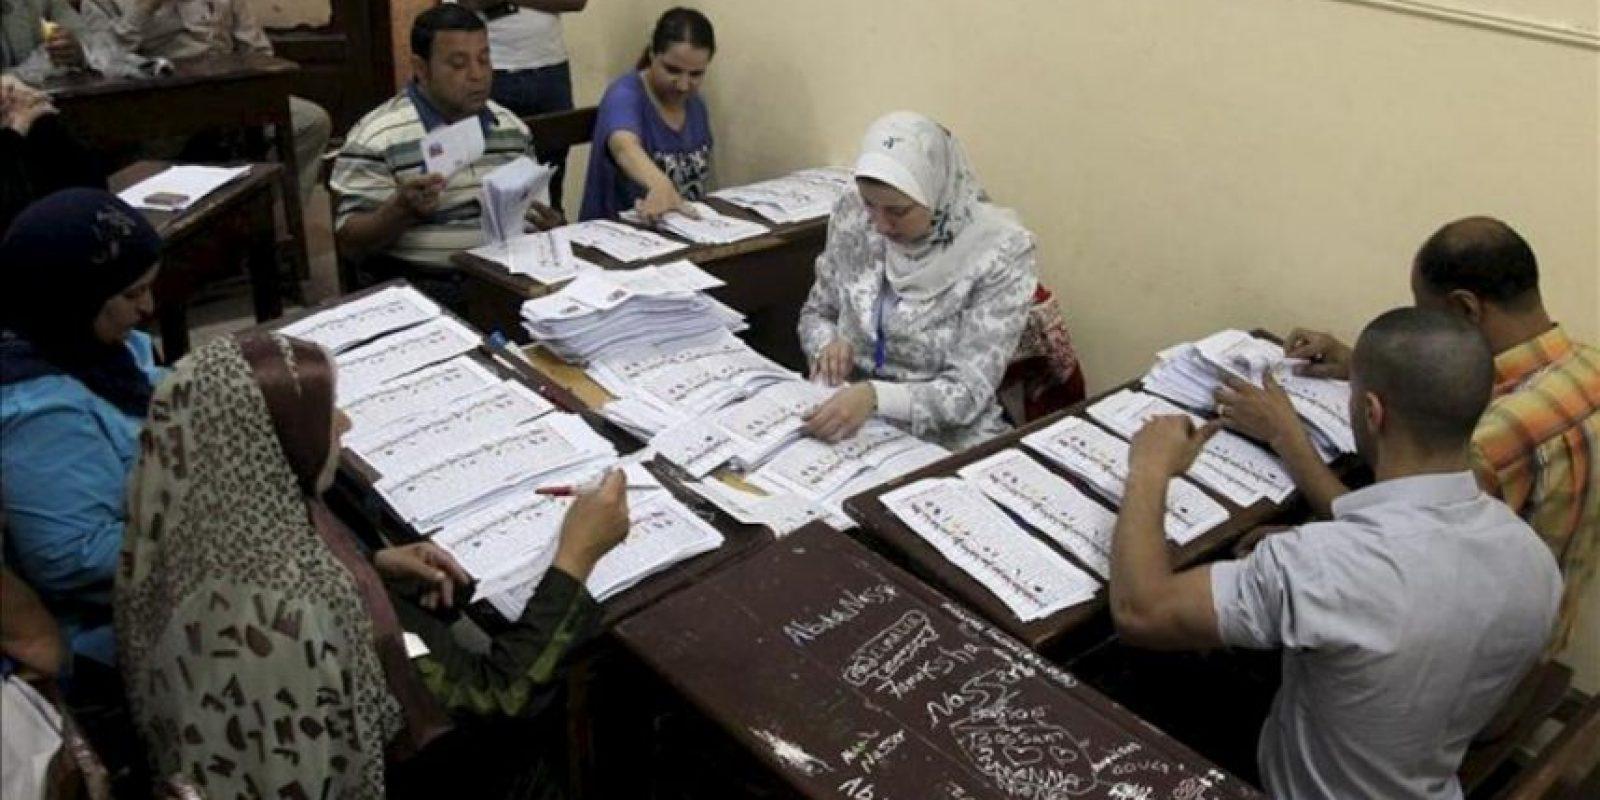 Funcionarios cuentan las papeletas de la primera vuelta de las elecciones presidenciales en un puesto de votación en El Cairo (Egipto). EFE